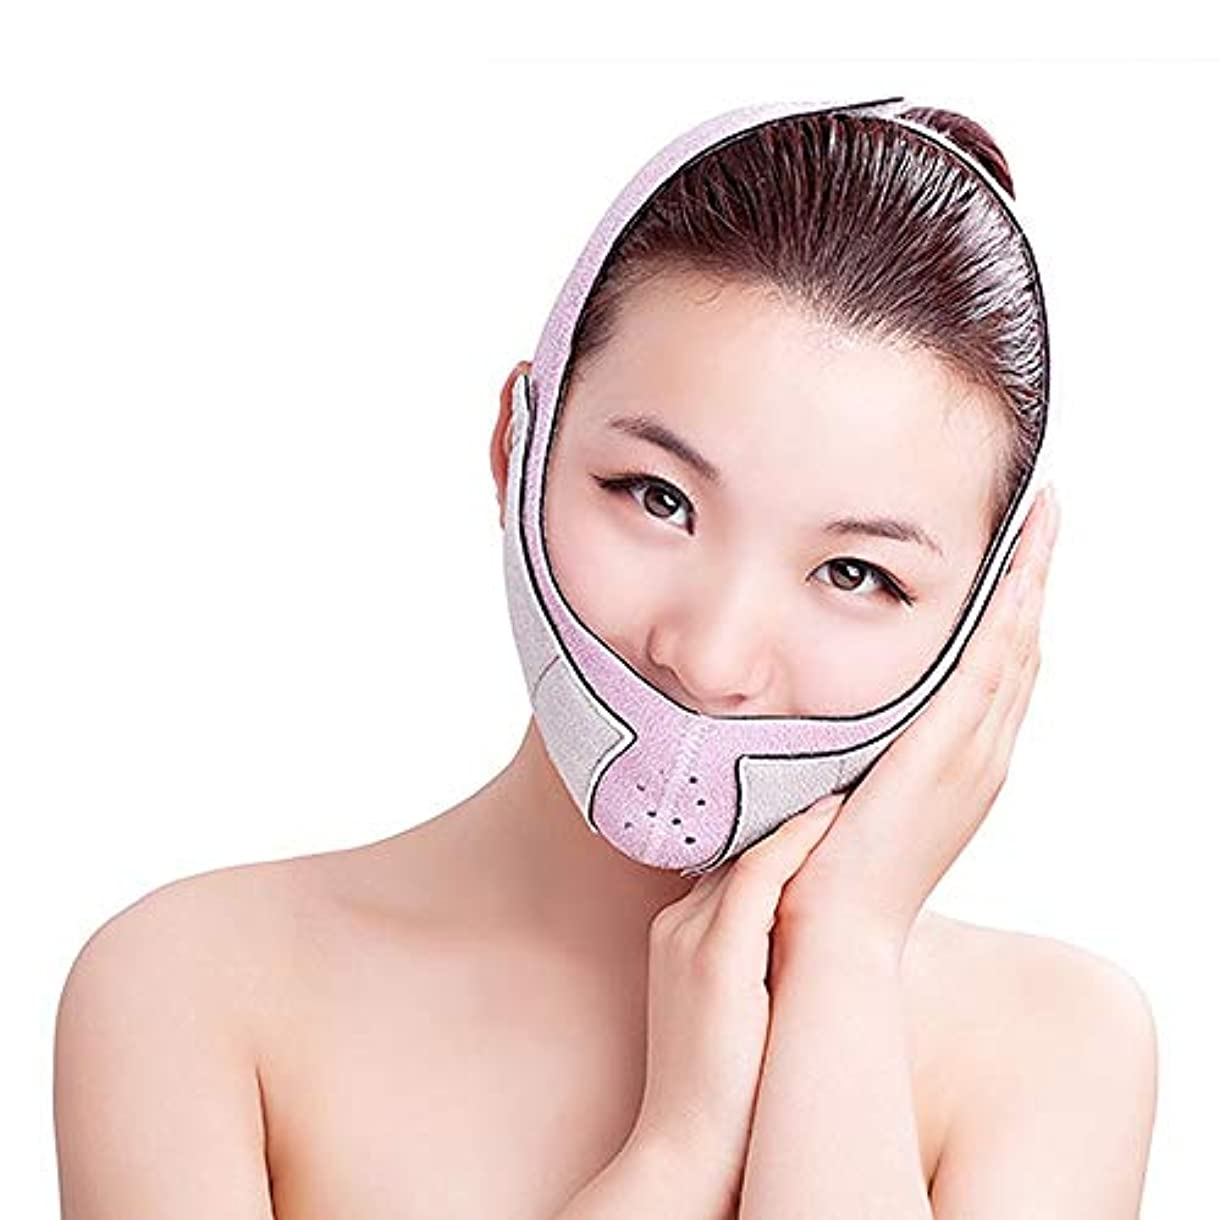 バッジ衝突すり薄い顔のベルト - 薄い顔のベルト通気性の補正3D薄い顔のV顔のベルトの包帯薄い顔のアーティファクト (色 : B)